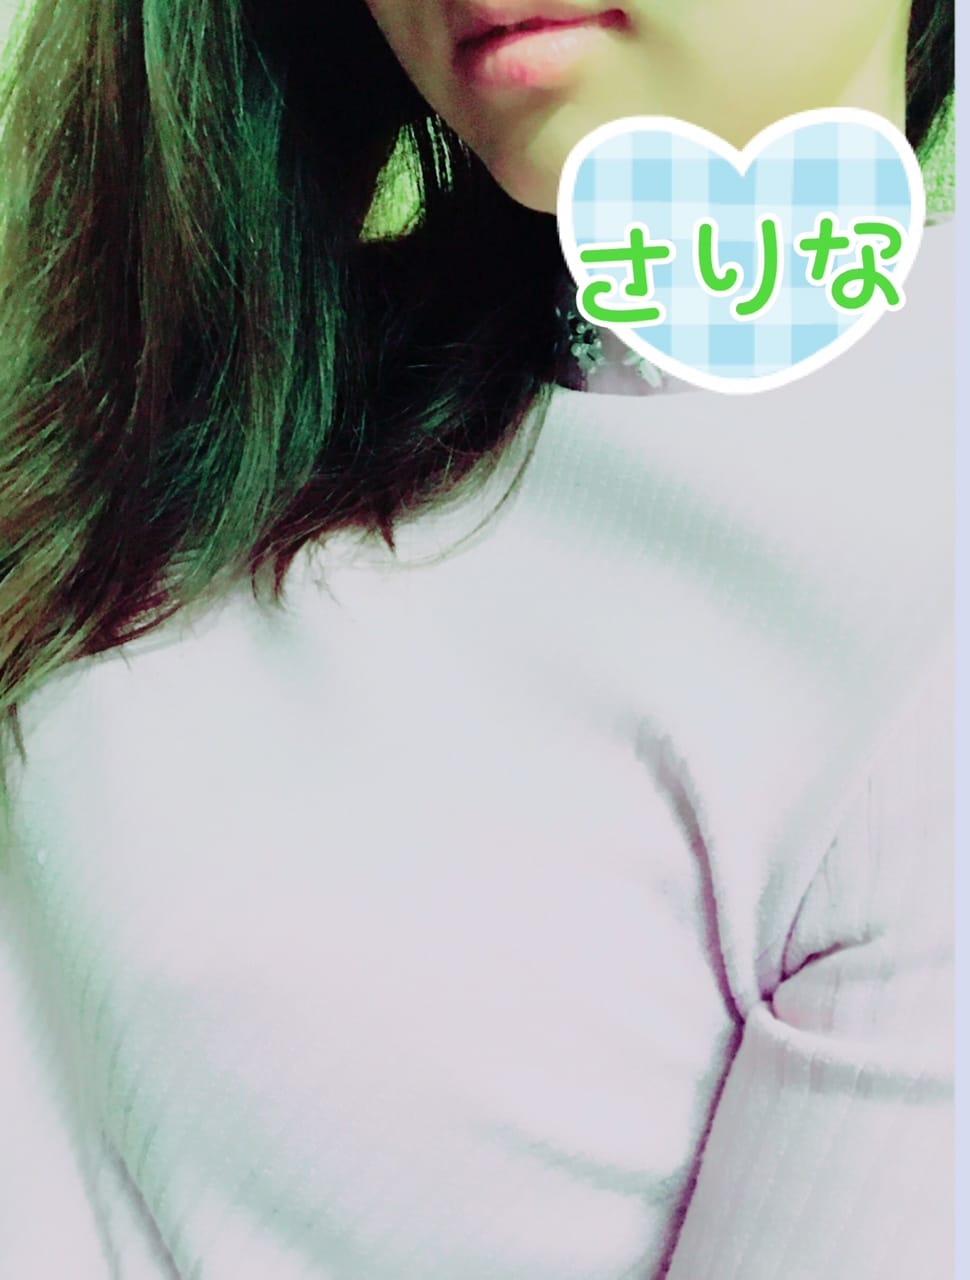 「ありがとうございました♡」04/07(土) 18:22 | さりなの写メ・風俗動画